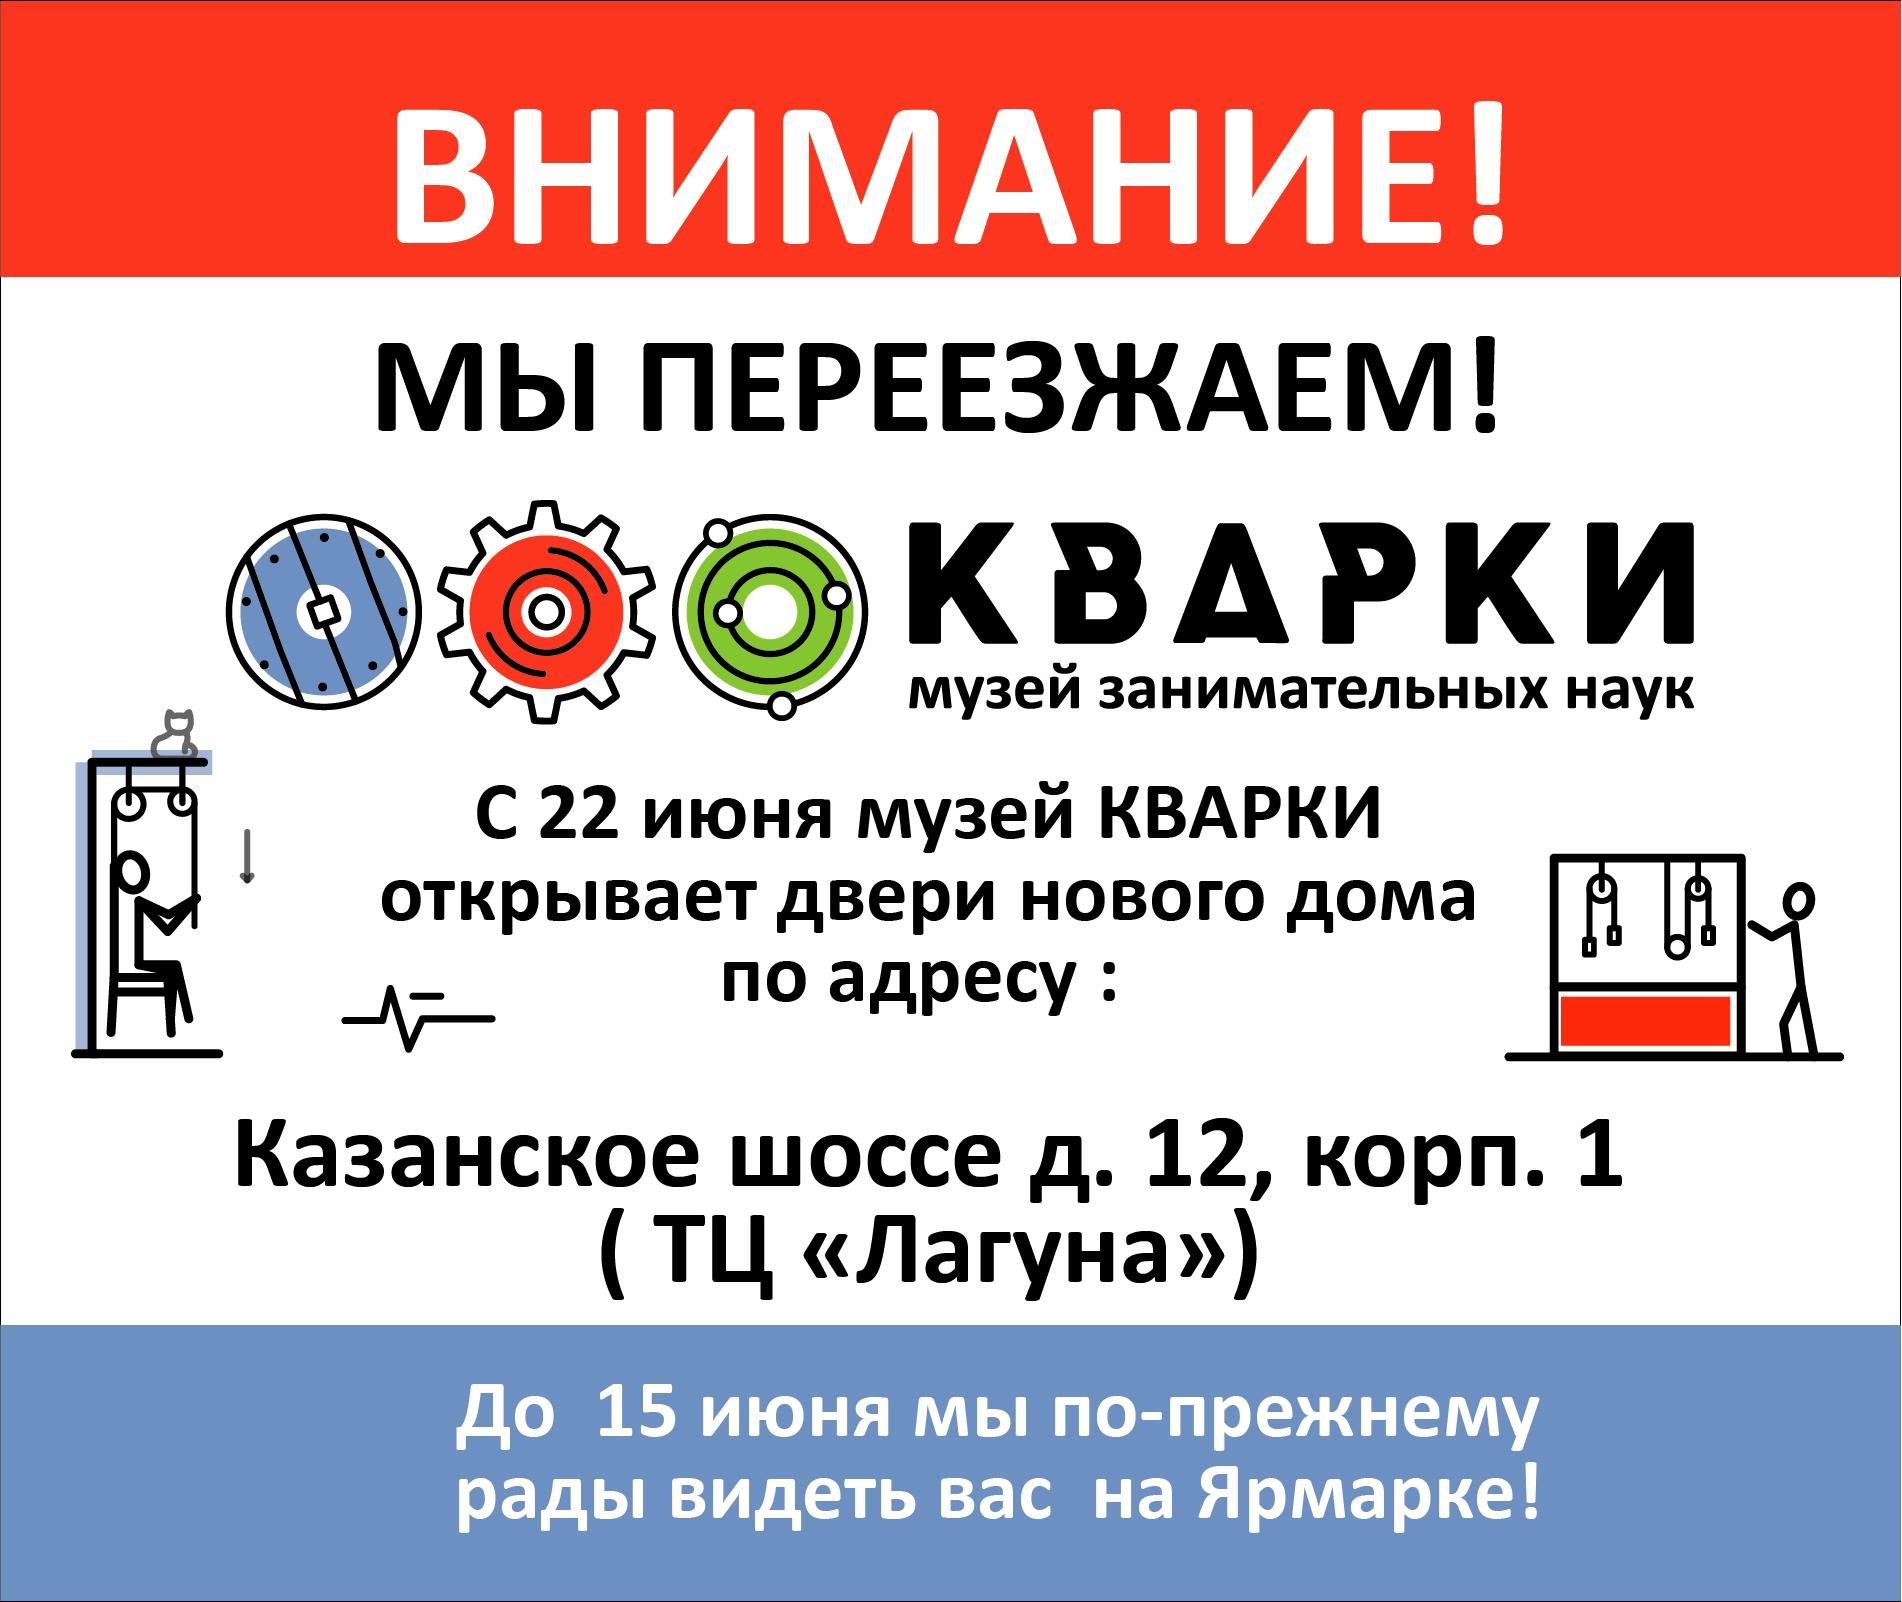 Kvarki-pereezd (2)